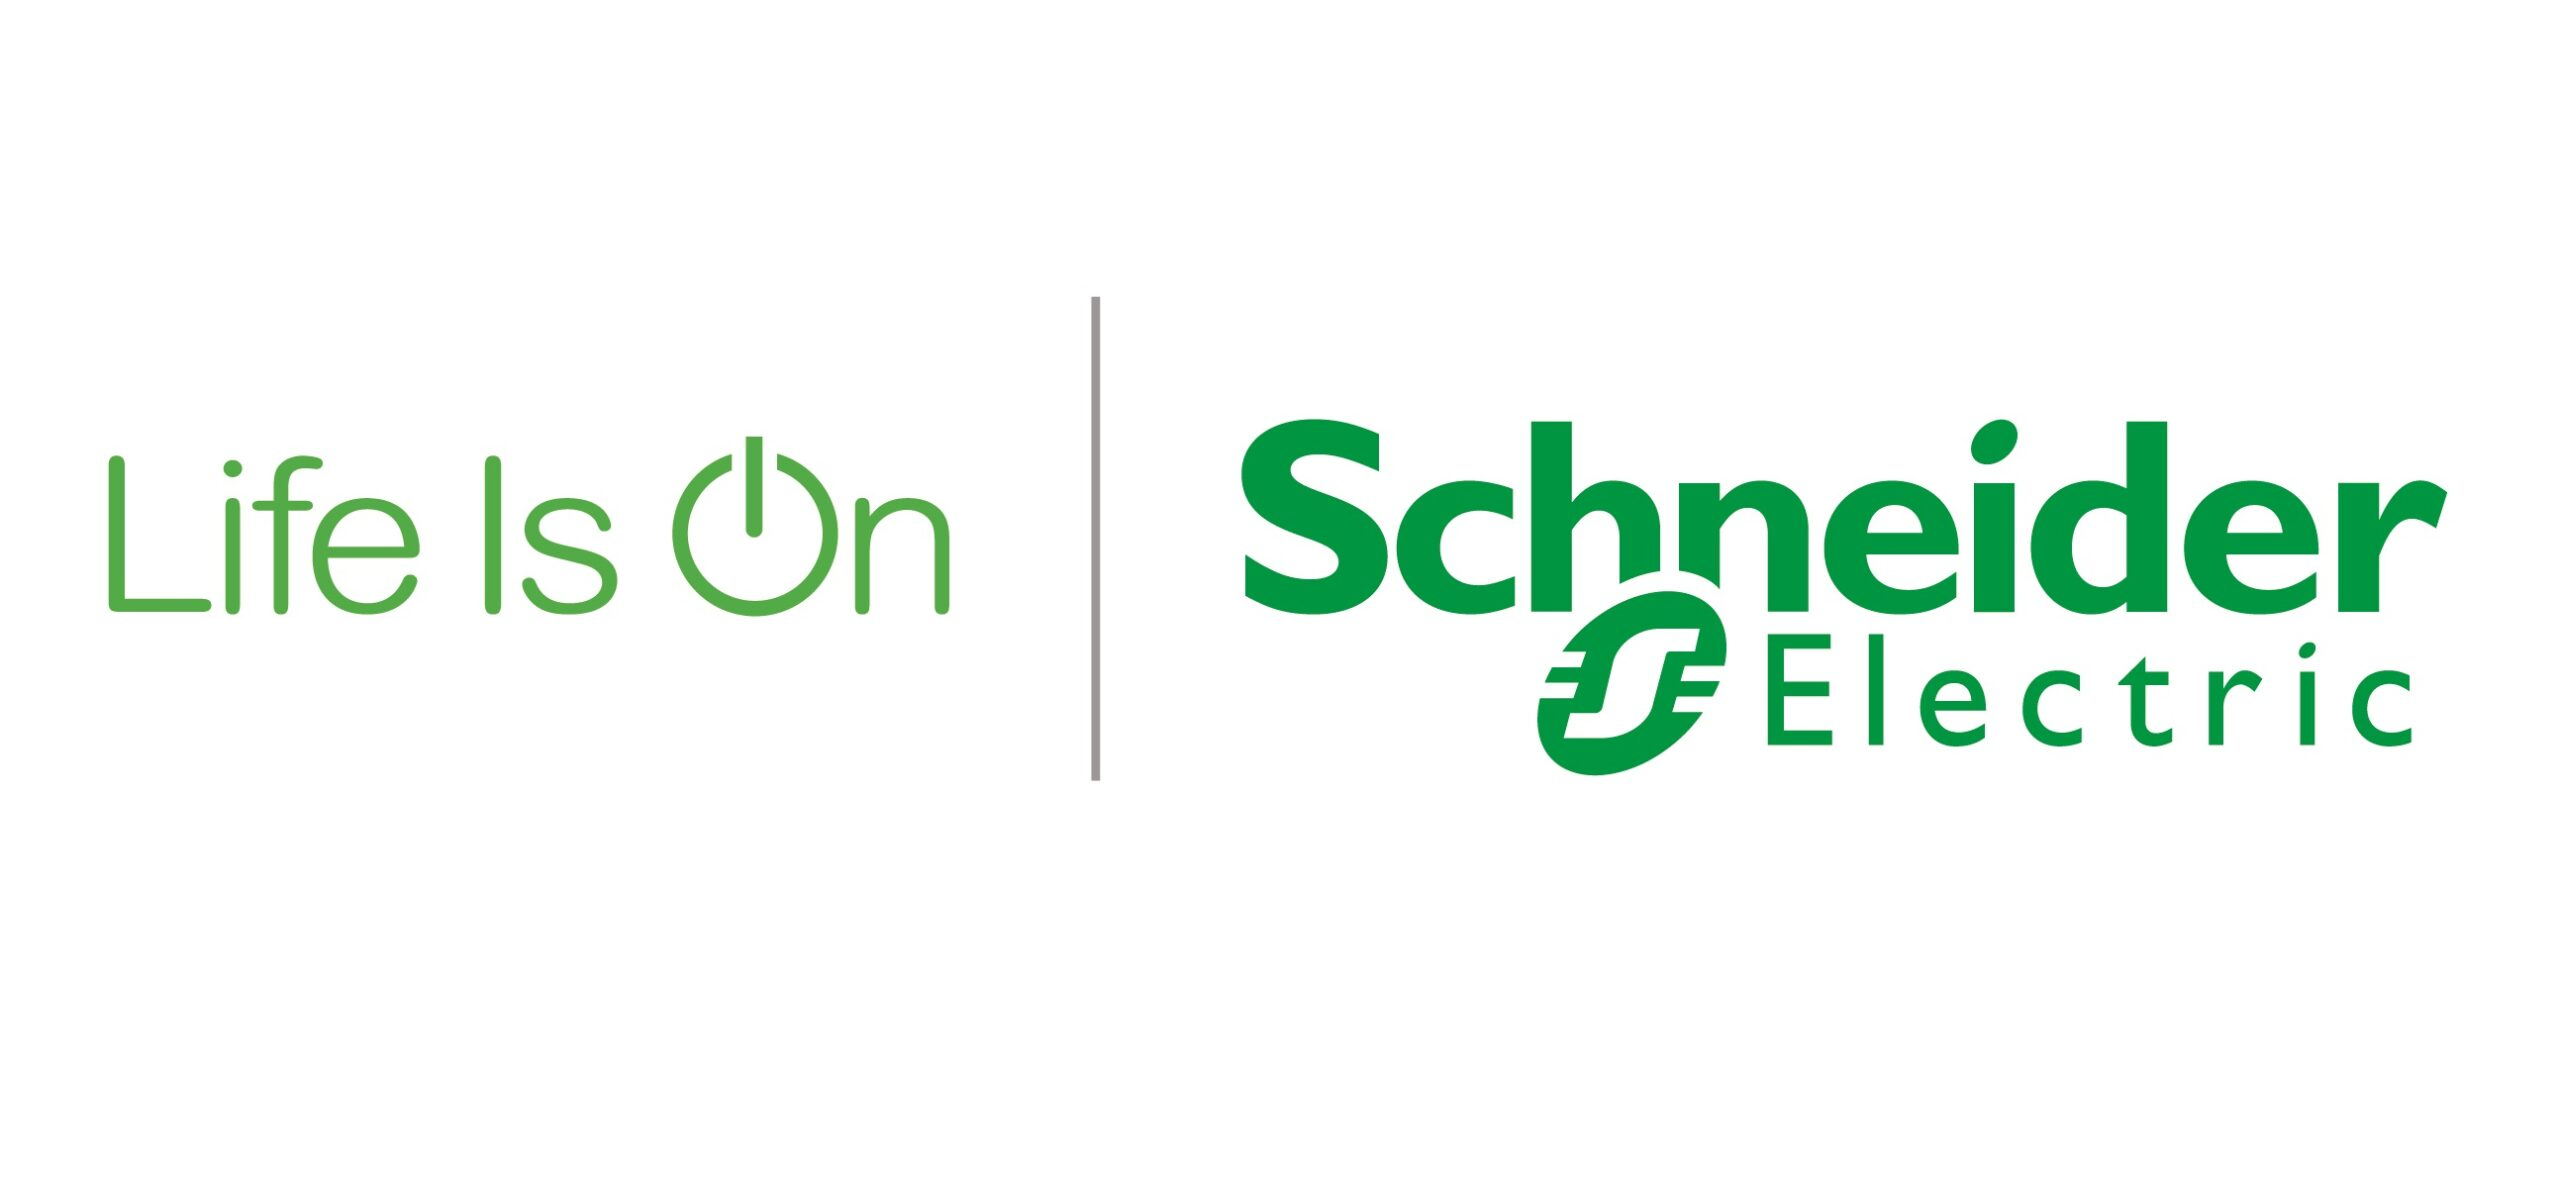 H Schneider Electric στην 4η θέση της λίστας Supply Chain Top 25 της Gartner για το 2020